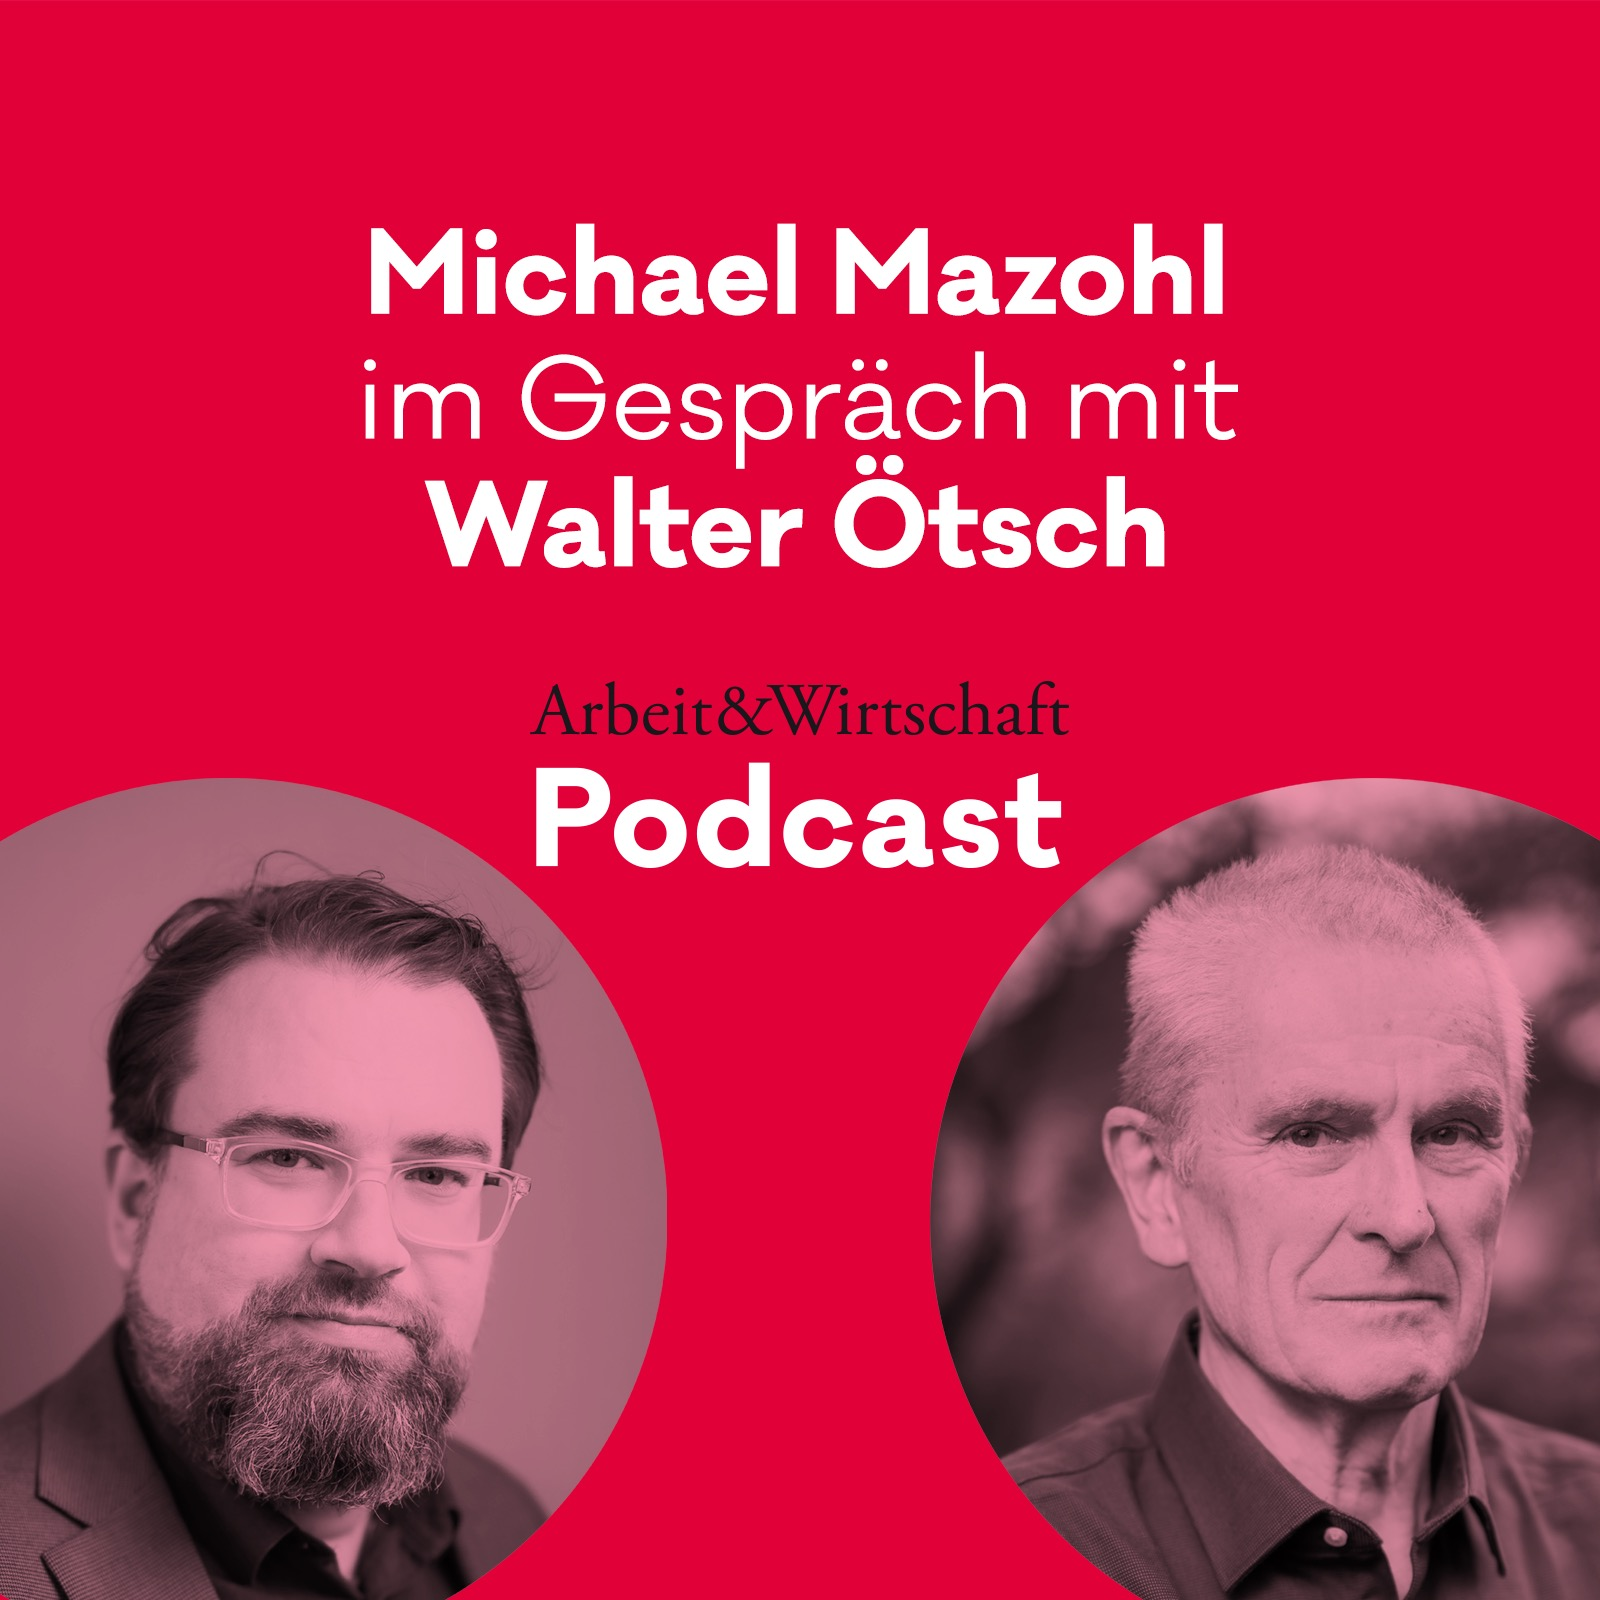 Neoliberalismus liebt Rechtspopulismus. Michael Mazohl im Gespräch mit Walter Ötsch.